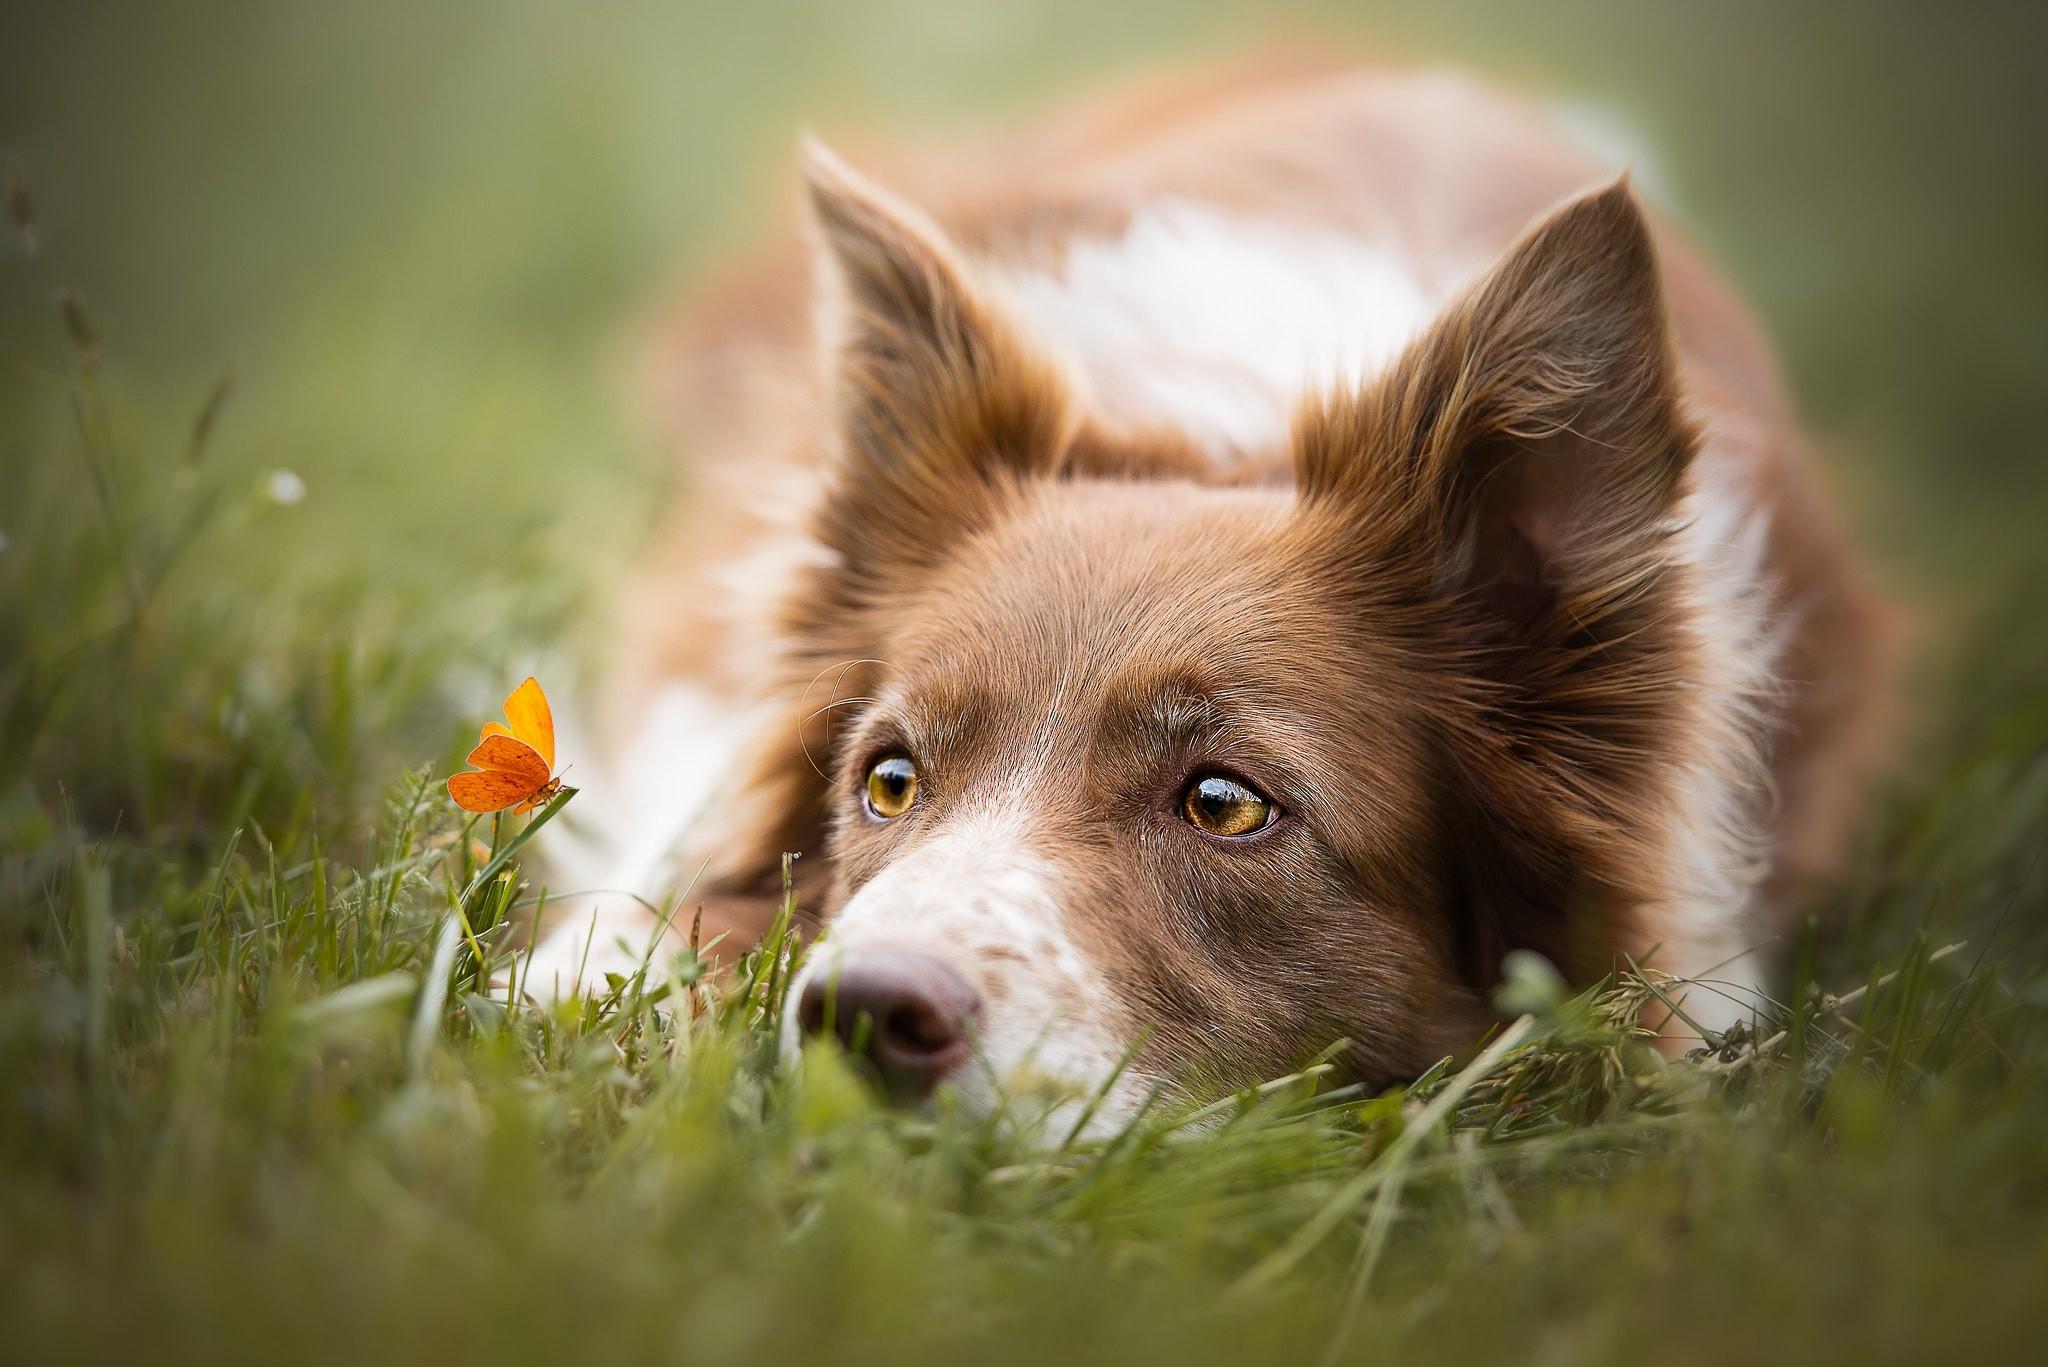 природа животные собака голова скачать